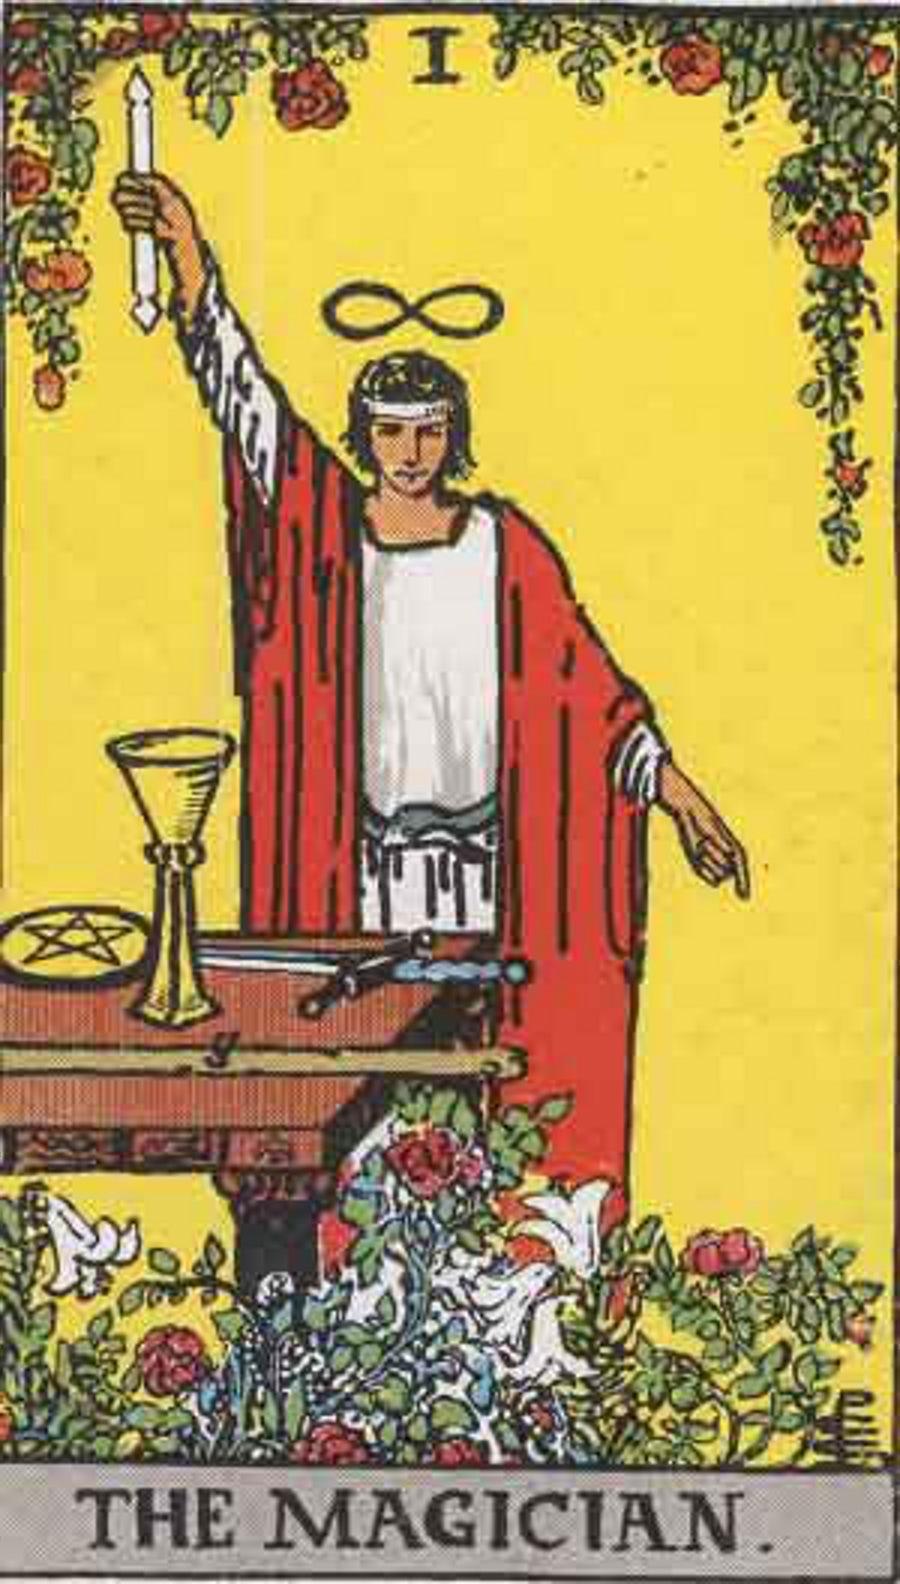 Bild des Magiers einer Tarotkarte